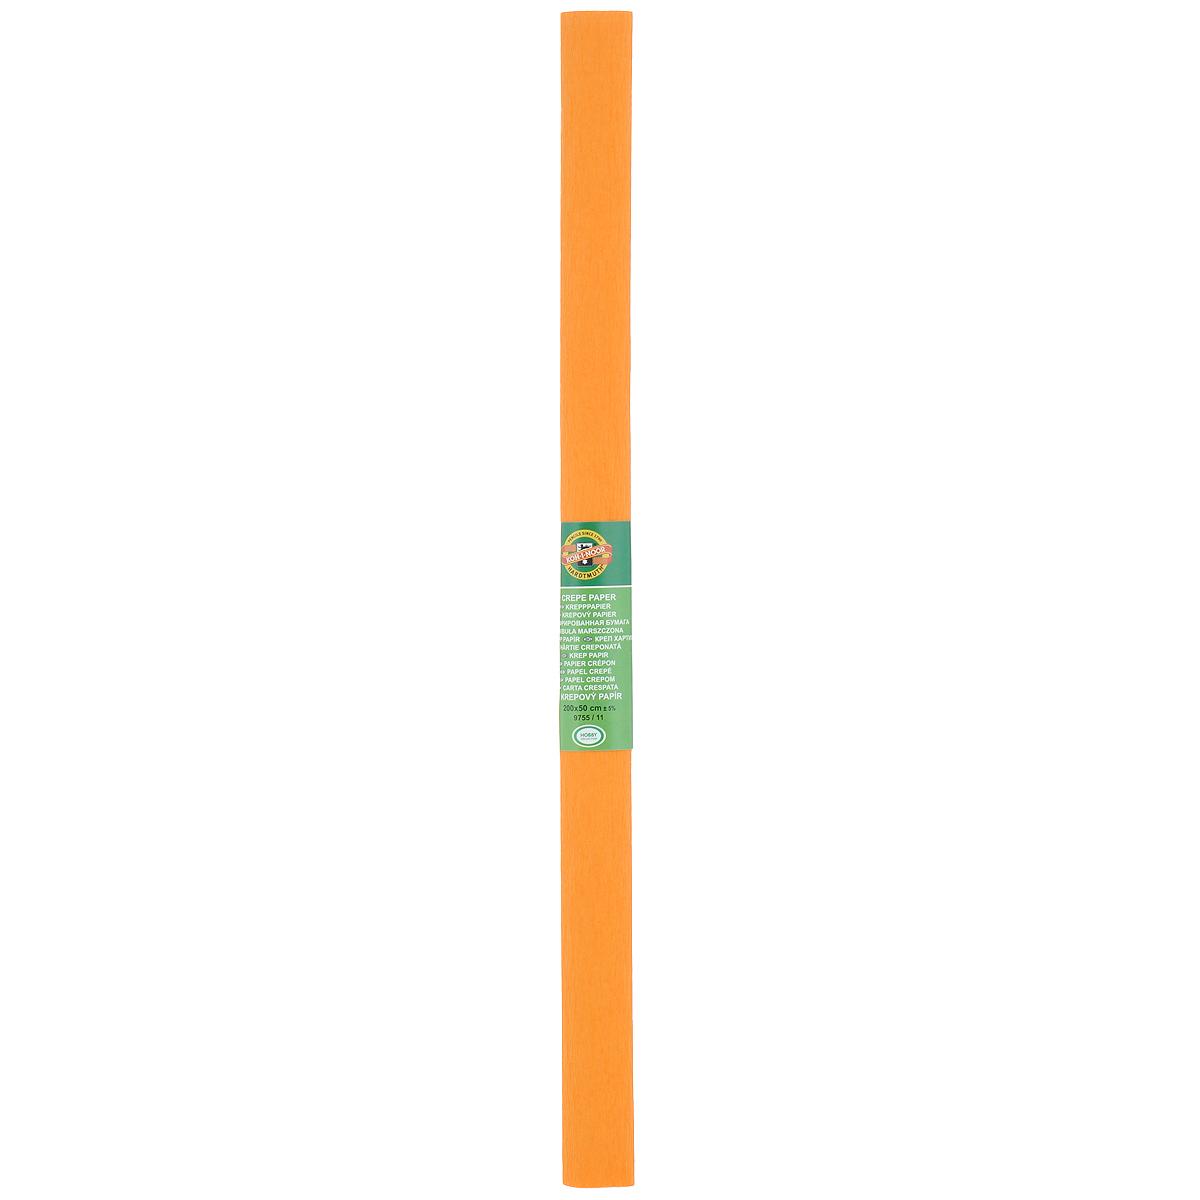 Бумага гофрированная Koh-I-Noor, цвет: светло-оранжевый, 50 см x 2 м9755/11Гофрированная бумага Koh-I-Noor - прекрасный материал для декорирования, изготовления эффектной упаковки и различных поделок. Бумага прекрасно держит форму, не пачкает руки, отлично крепится и замечательно подходит для изготовления праздничной упаковки для цветов.